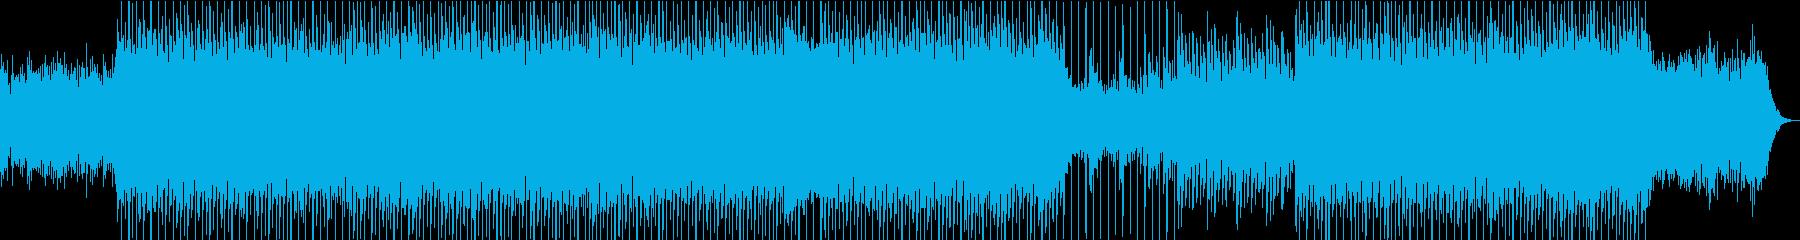 クリーンなイメージのコーポレートの再生済みの波形